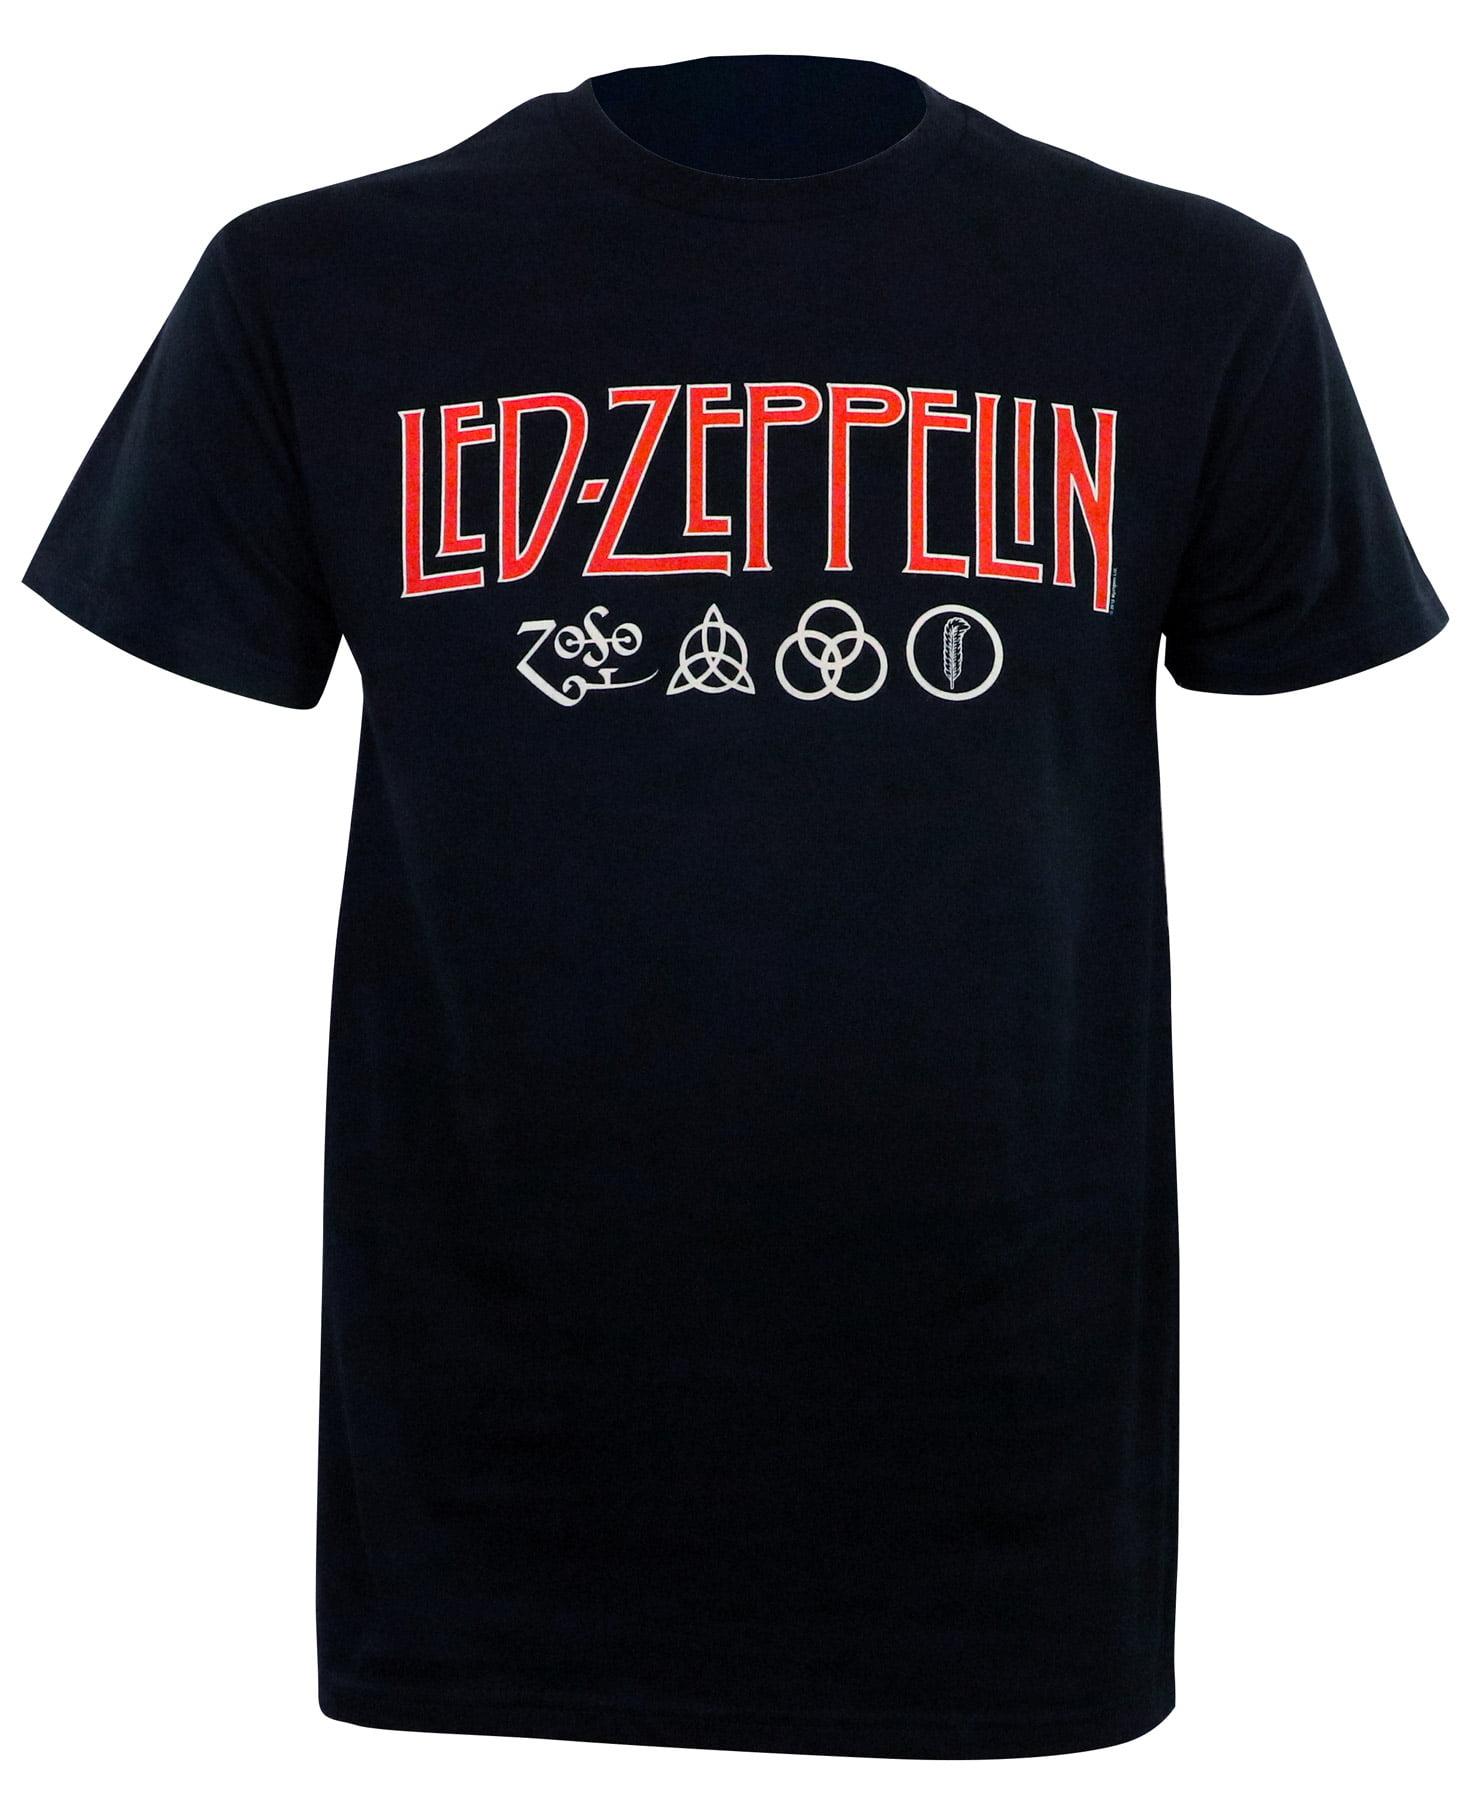 Led Zeppelin Celebration Day Official Men/'s Black T-Shirt